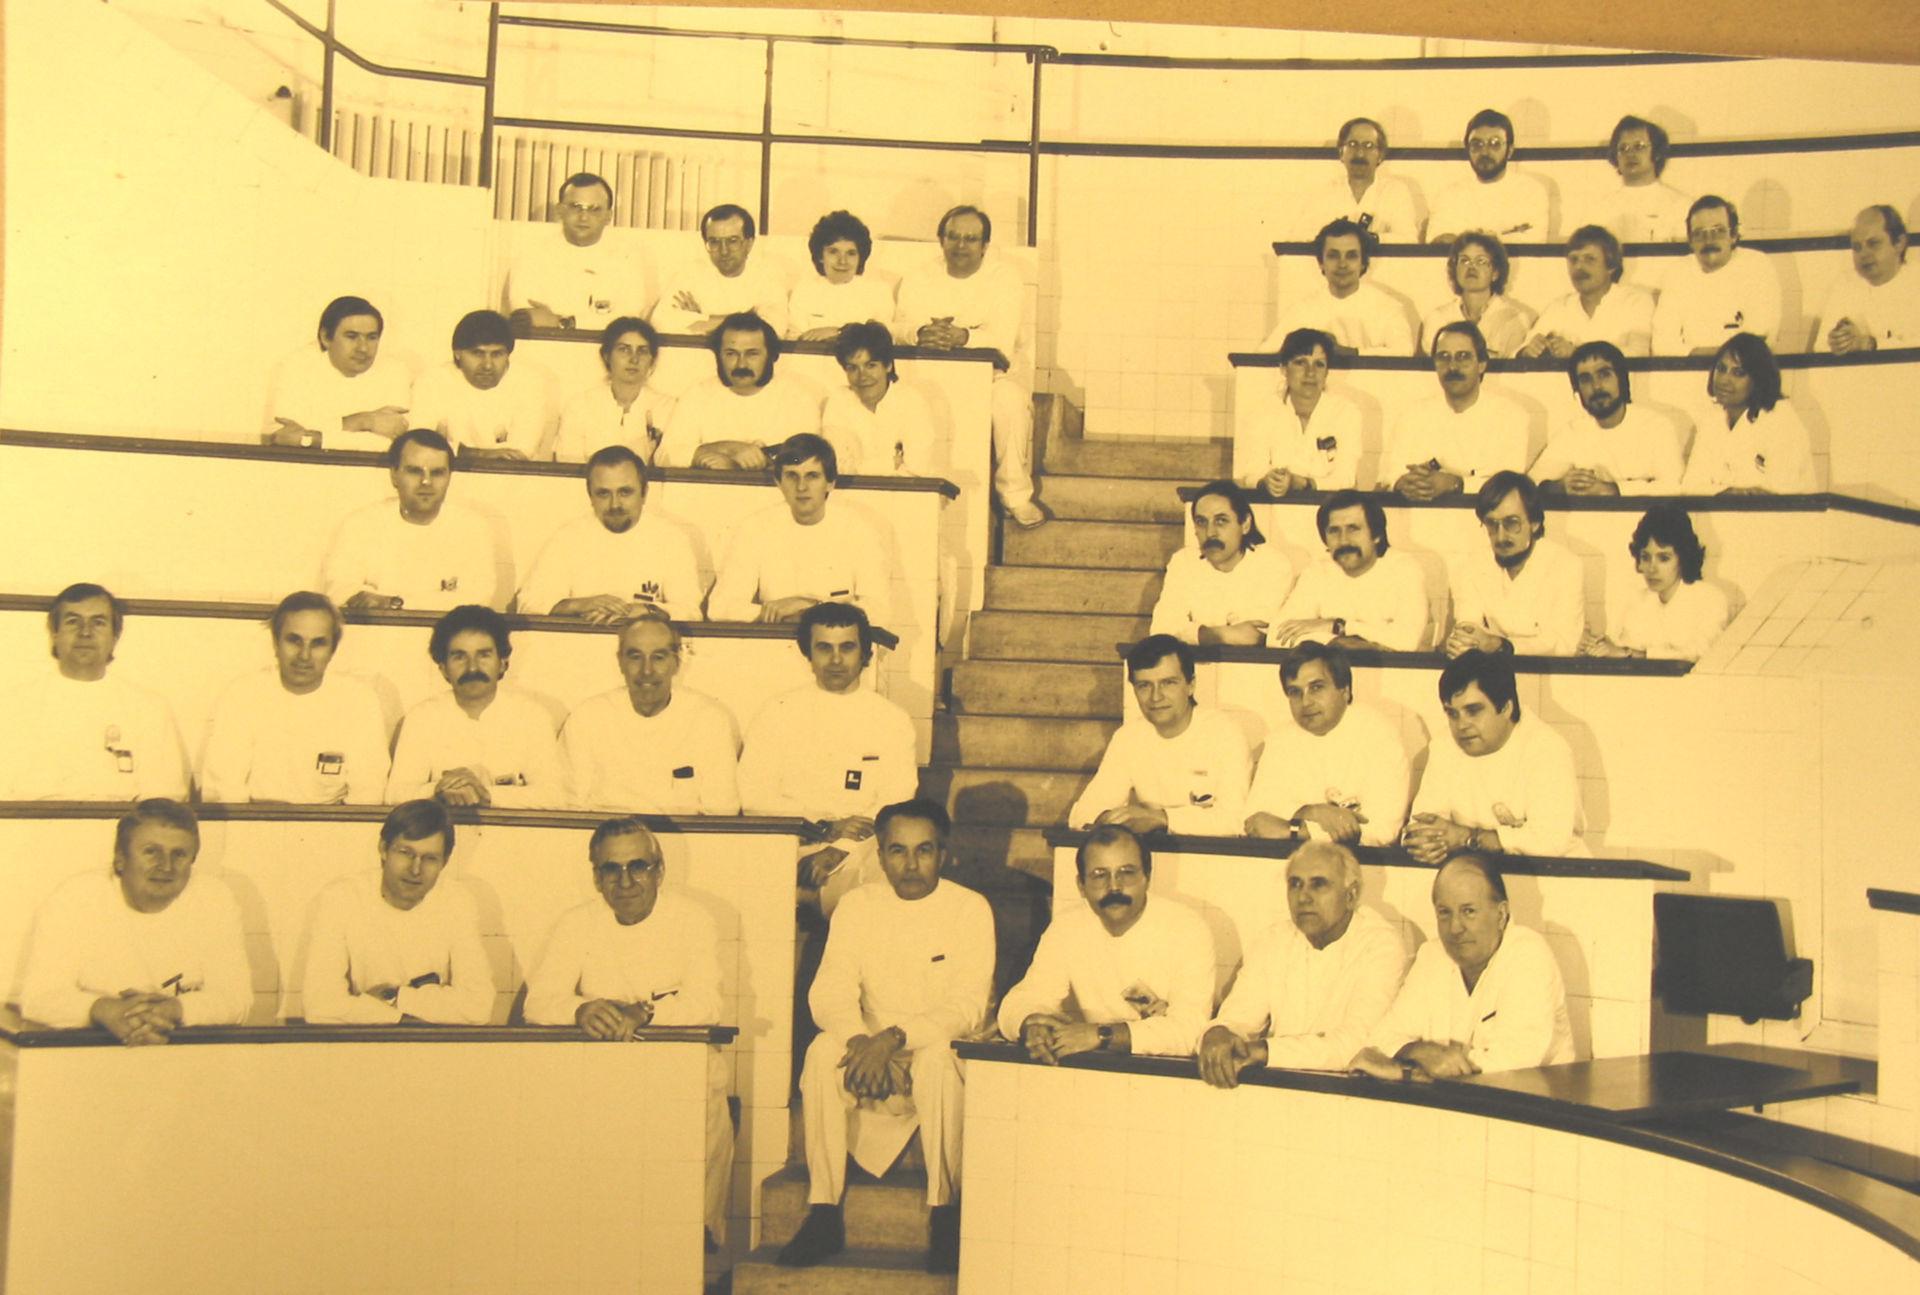 Cirujanos de la Universidad de Würzburg, 1979